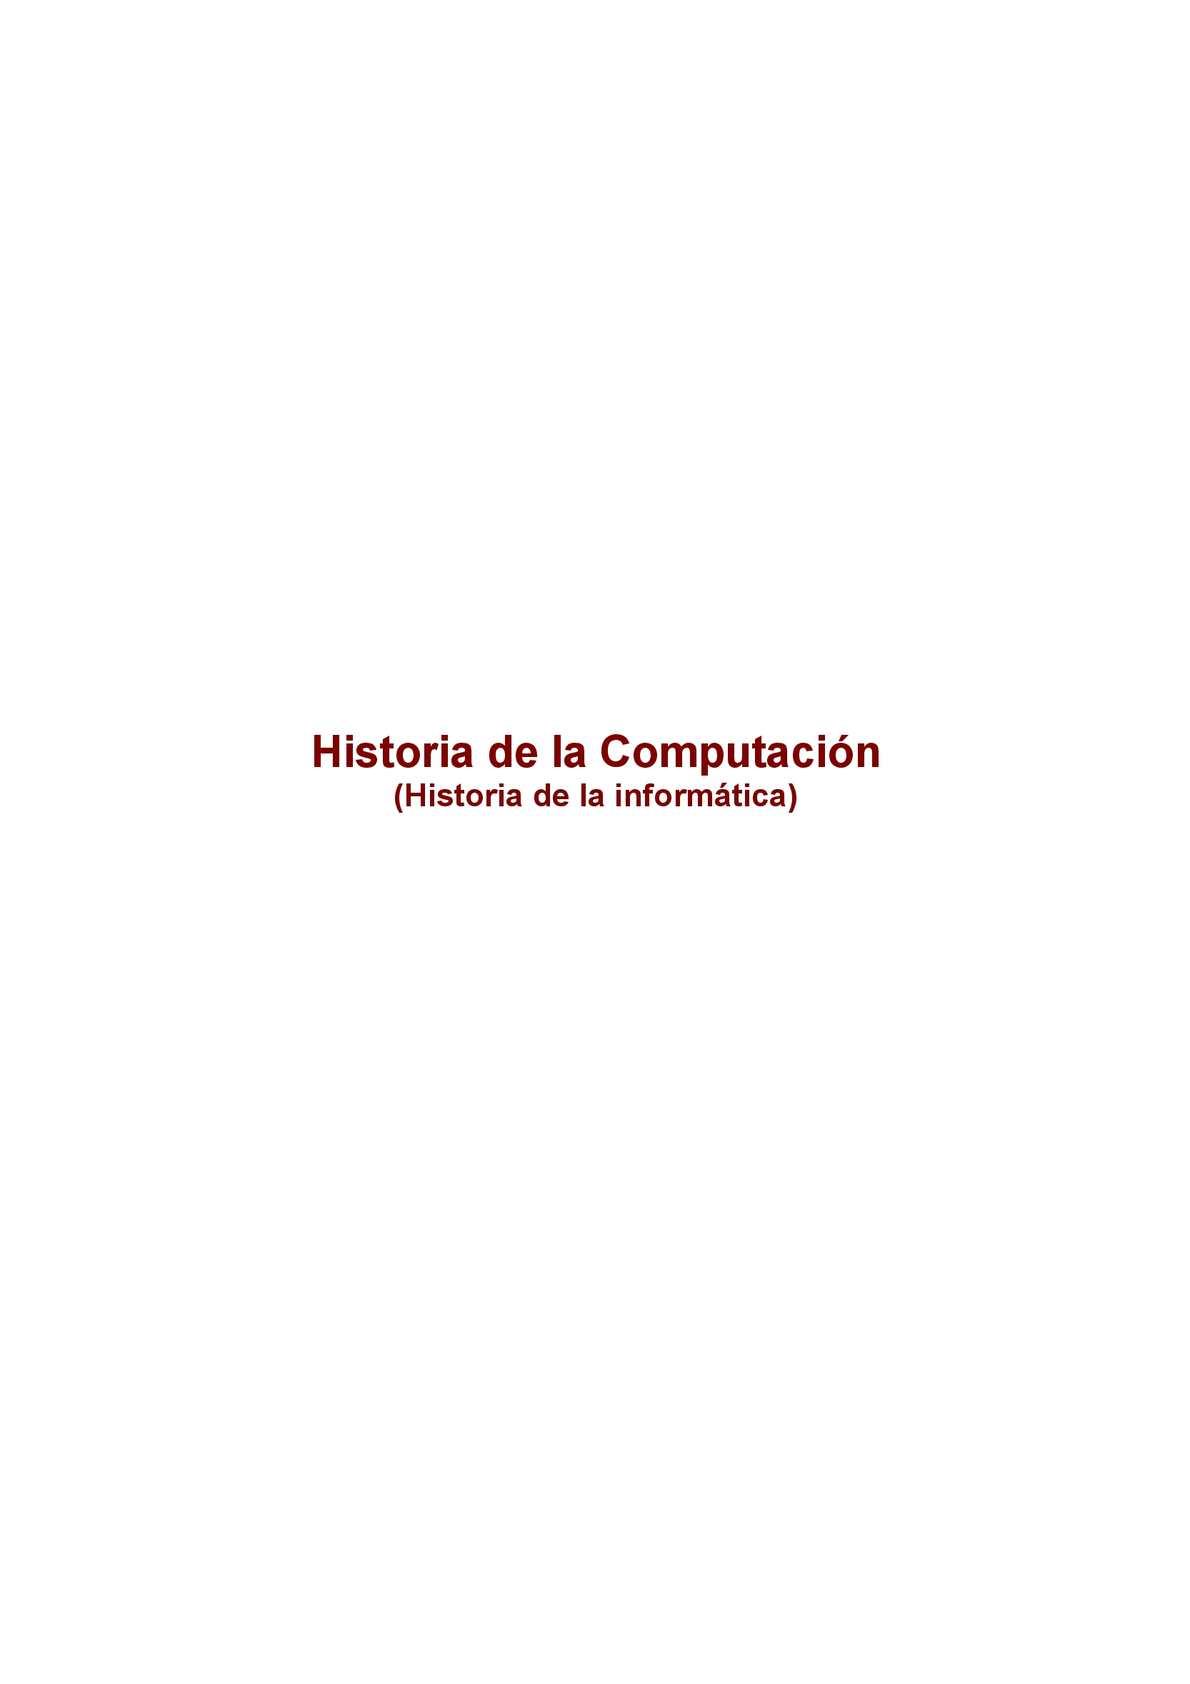 997b083f5f Calaméo - Historia de la Computacion